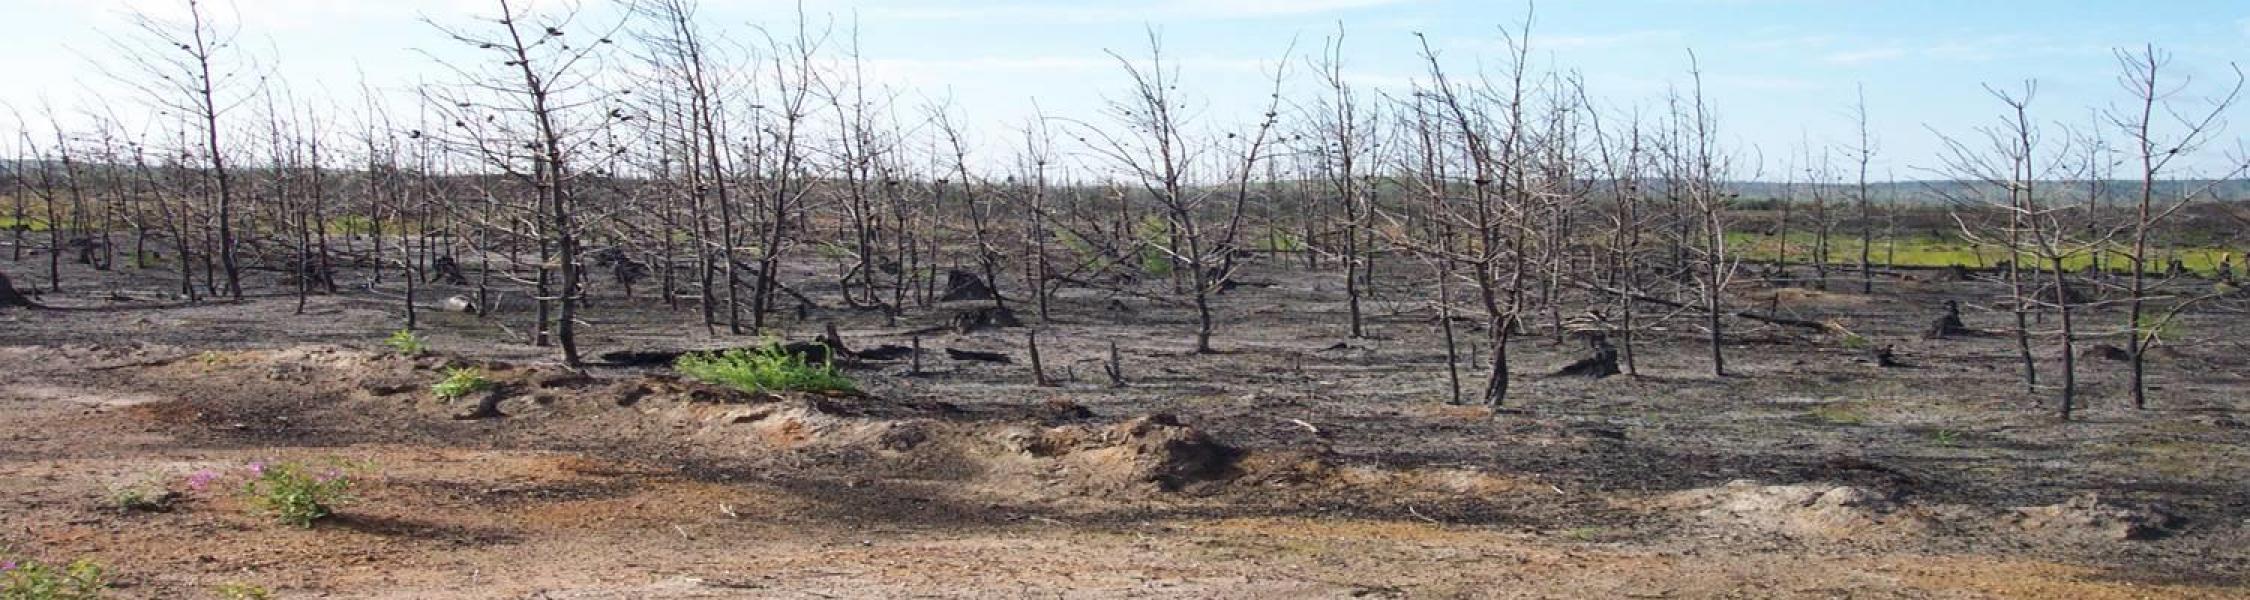 field of barren trees